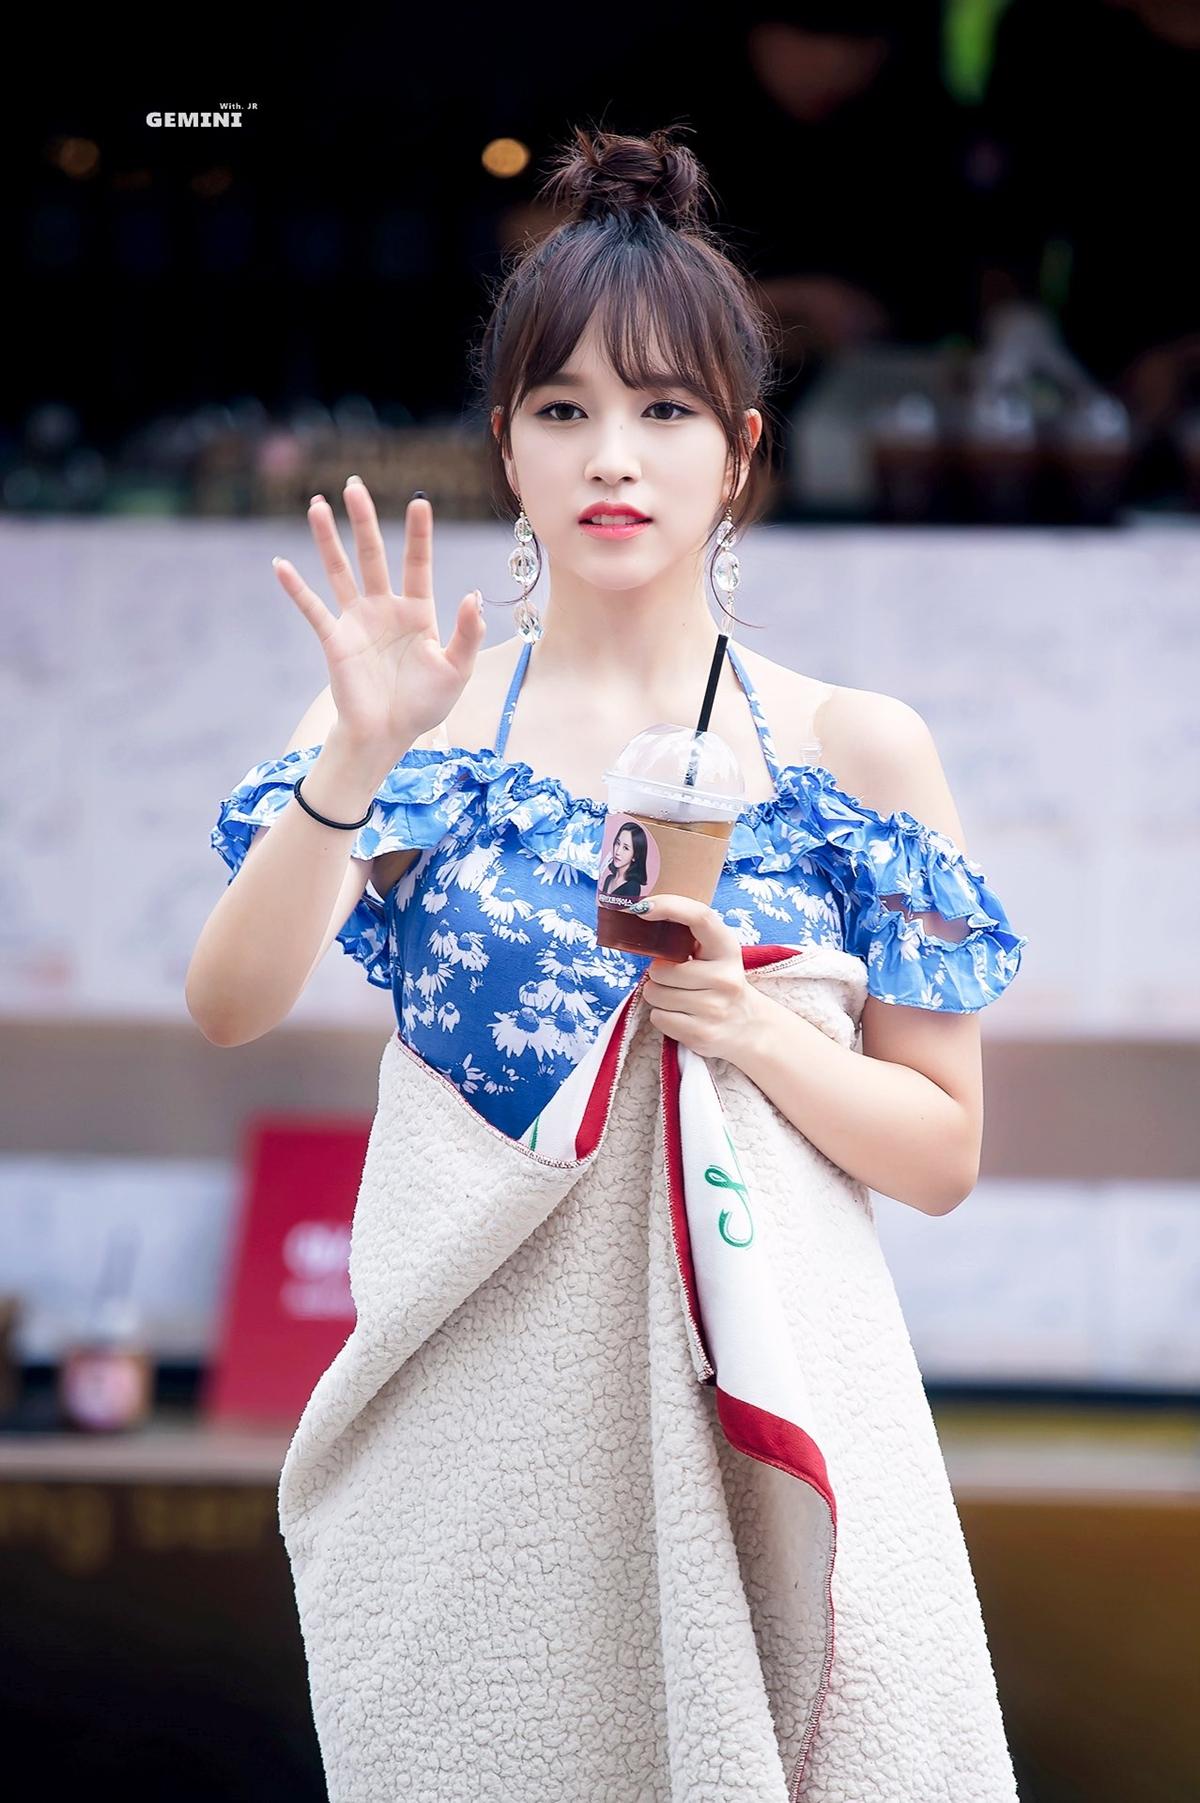 Những bức ảnh chất lượng cao huyền thoại của Mina (Twice) - 12